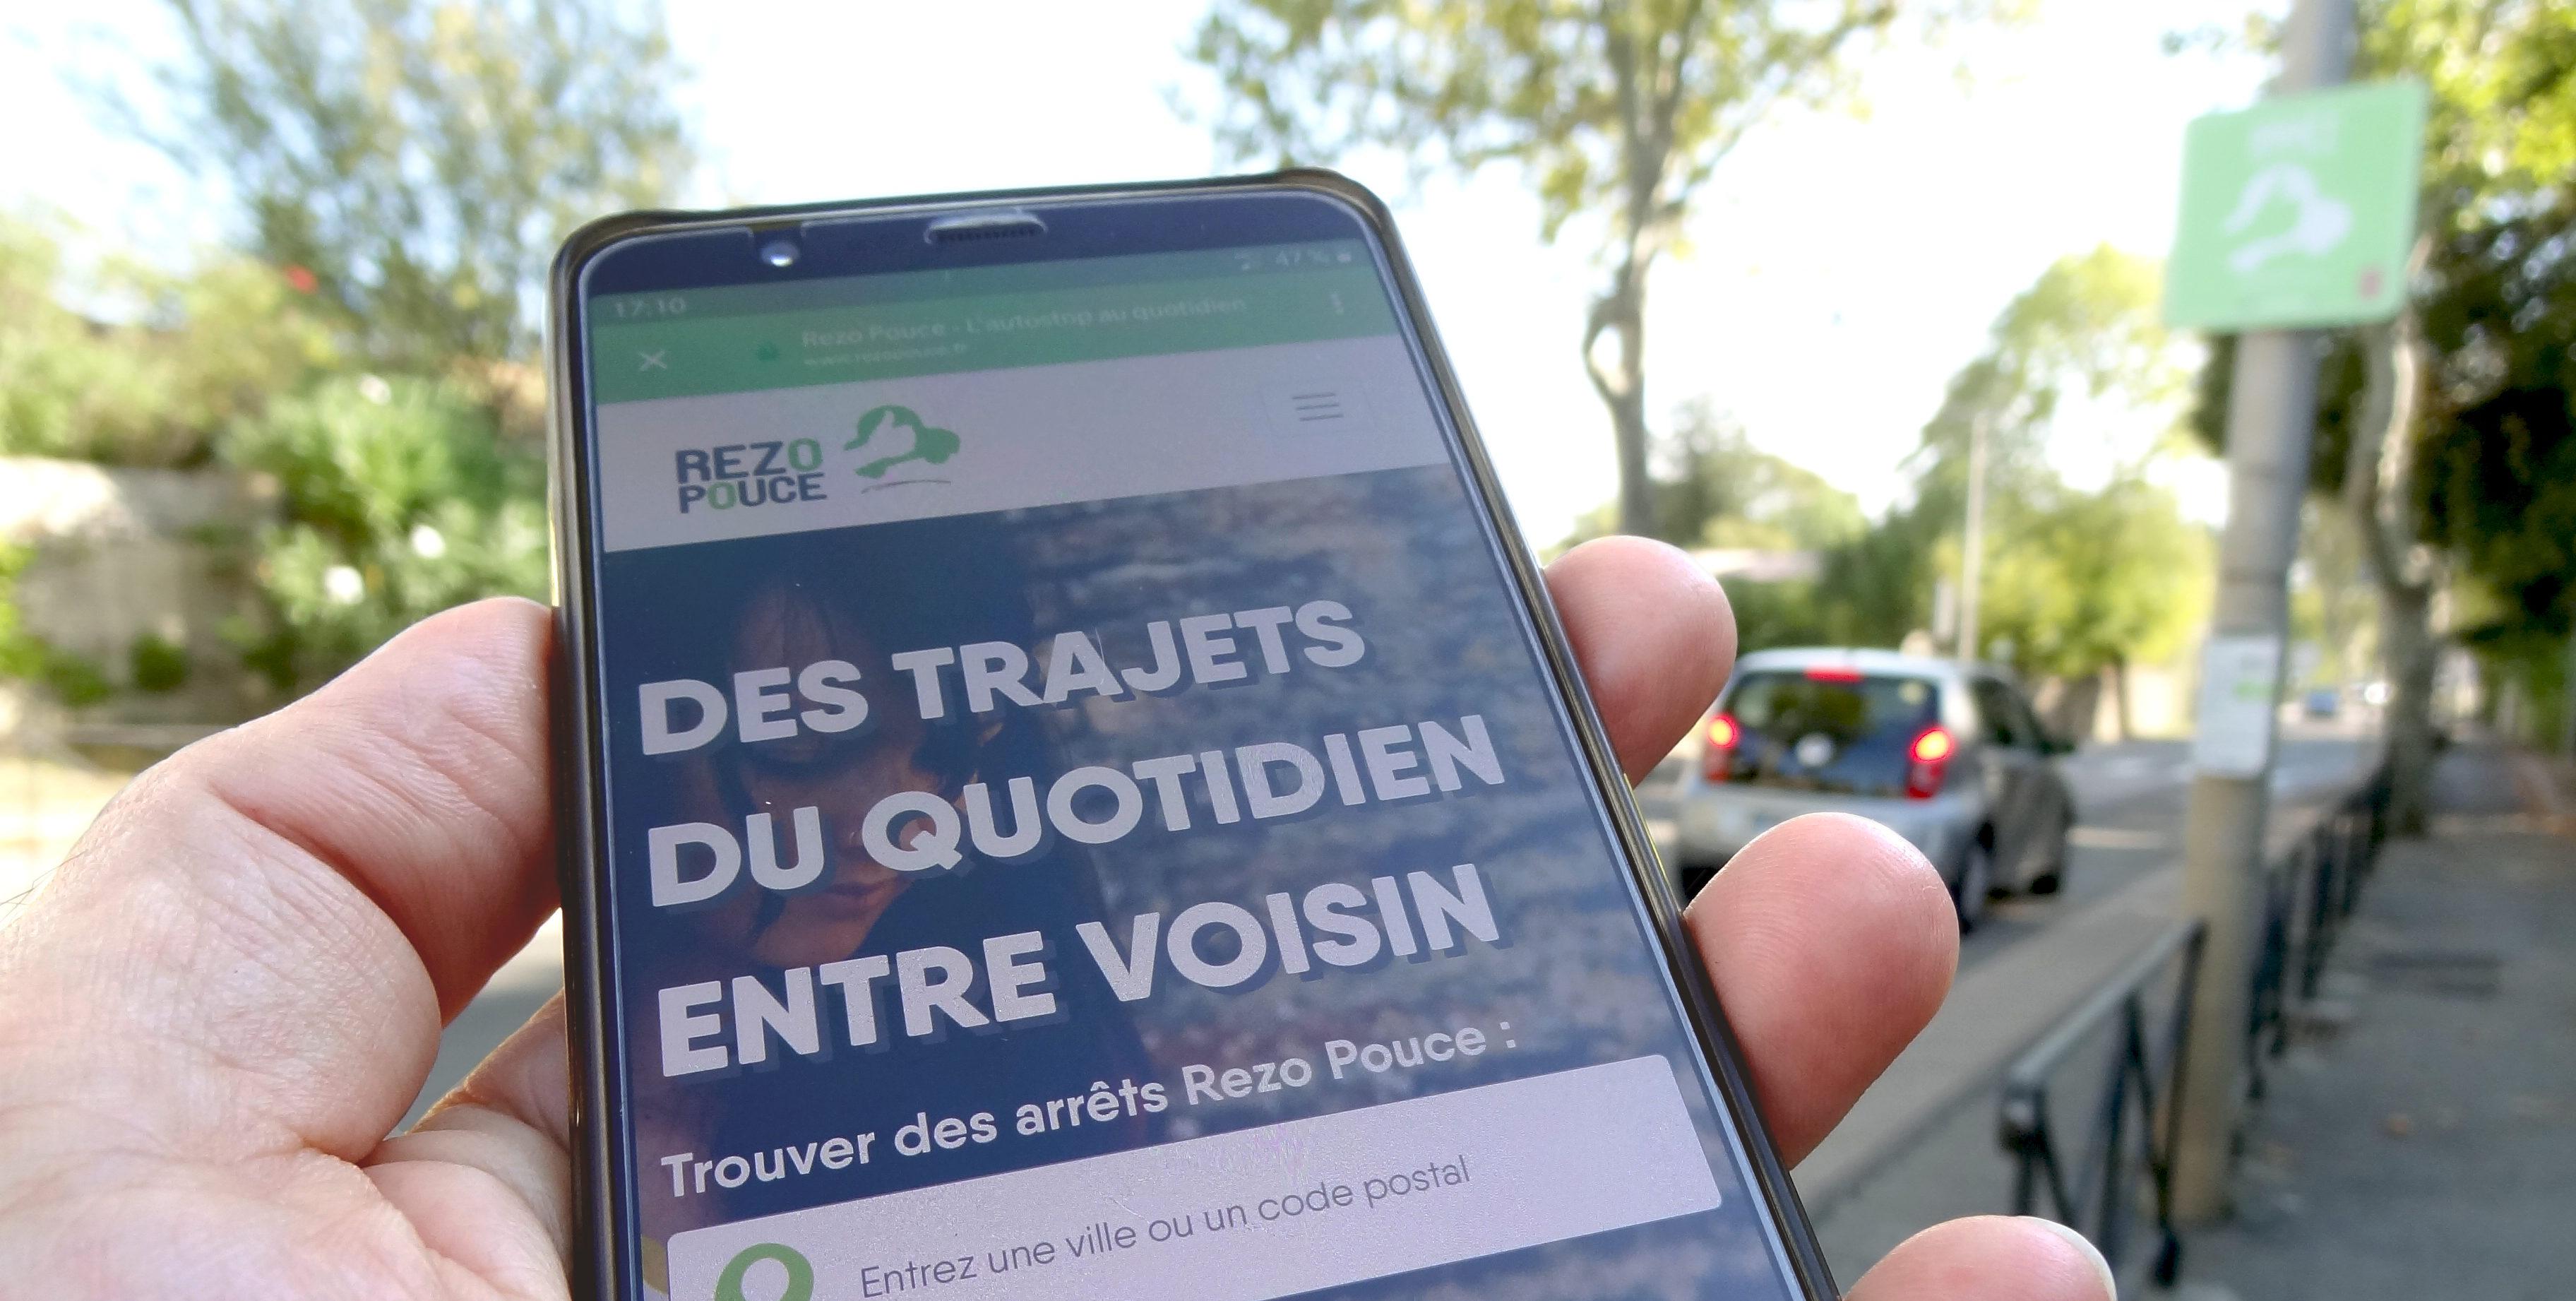 Rezo Pouce a lancé sa nouvelle appli. Photo : Christophe Colrat